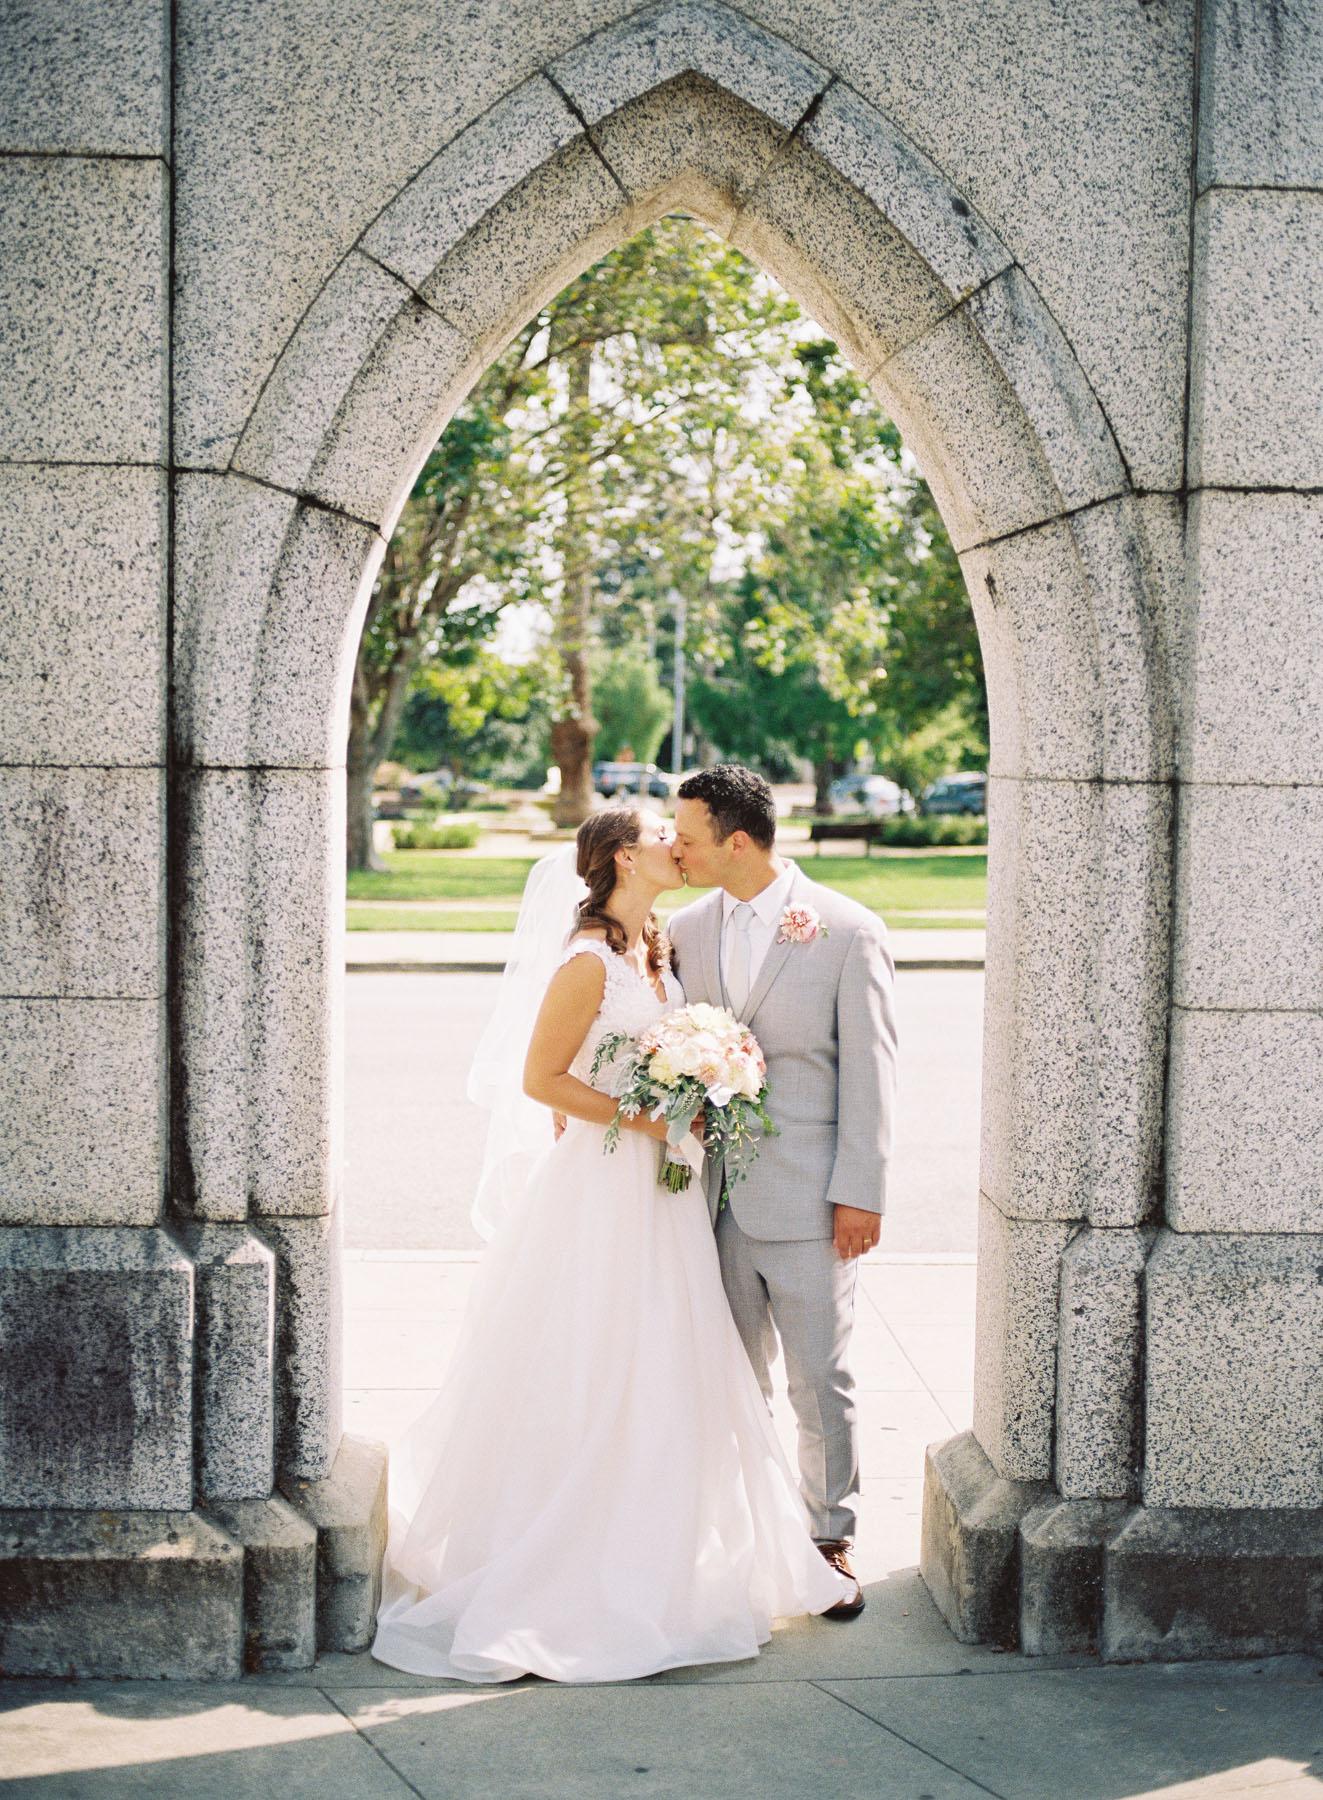 8-11-18 Vanessa and Andrew - 115.jpg